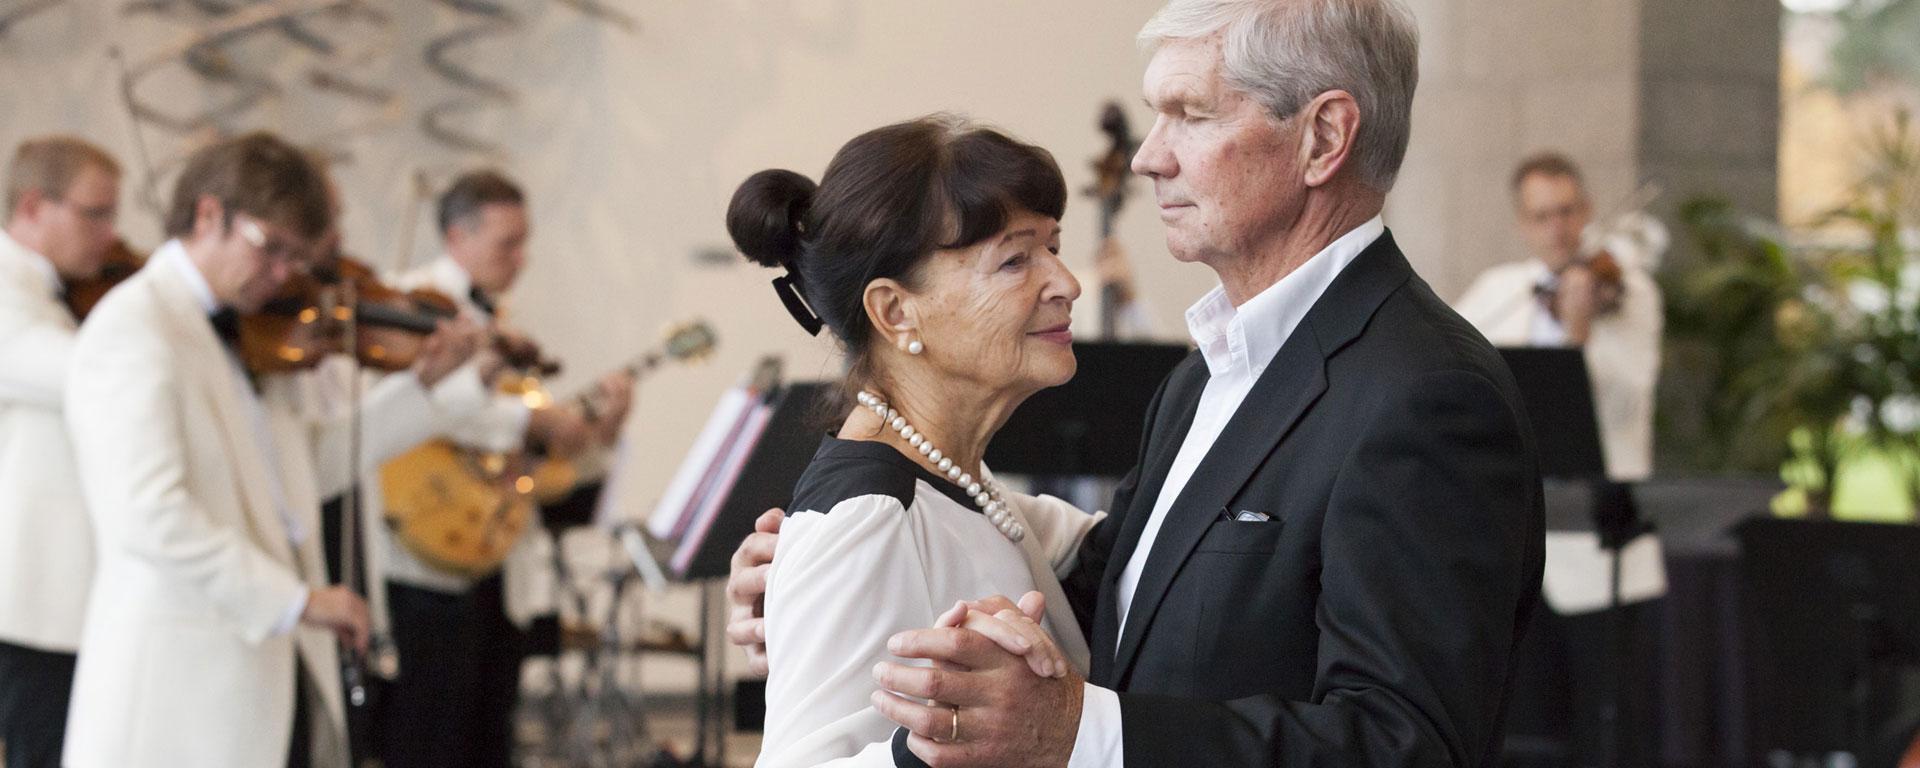 Linkki tapahtumaan Peruutettu: Oopperan teetanssit